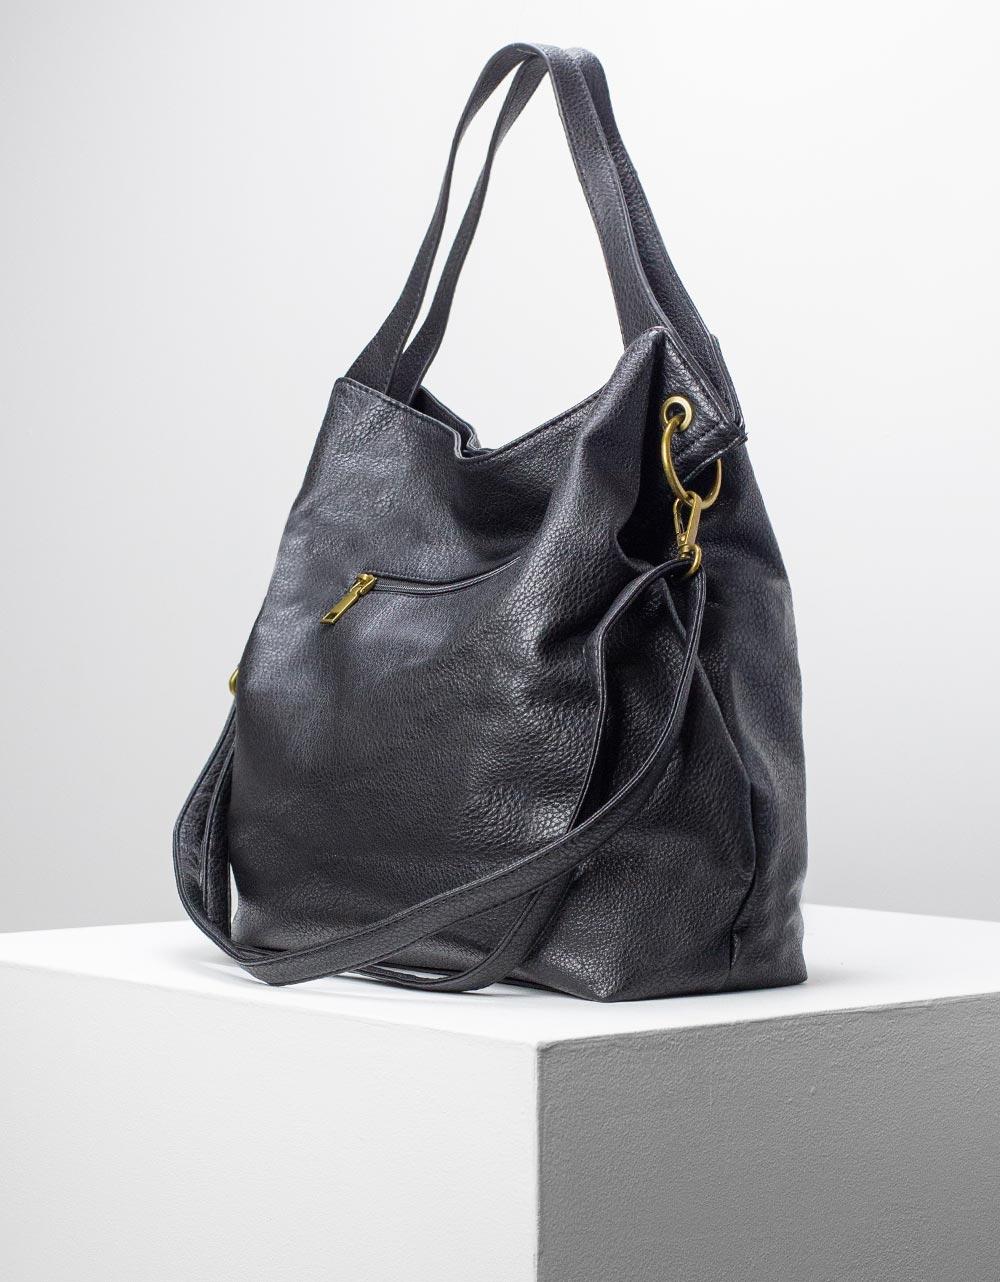 Εικόνα από Γυναικείες τσάντες χειρός μονόχρωμη Μαύρο